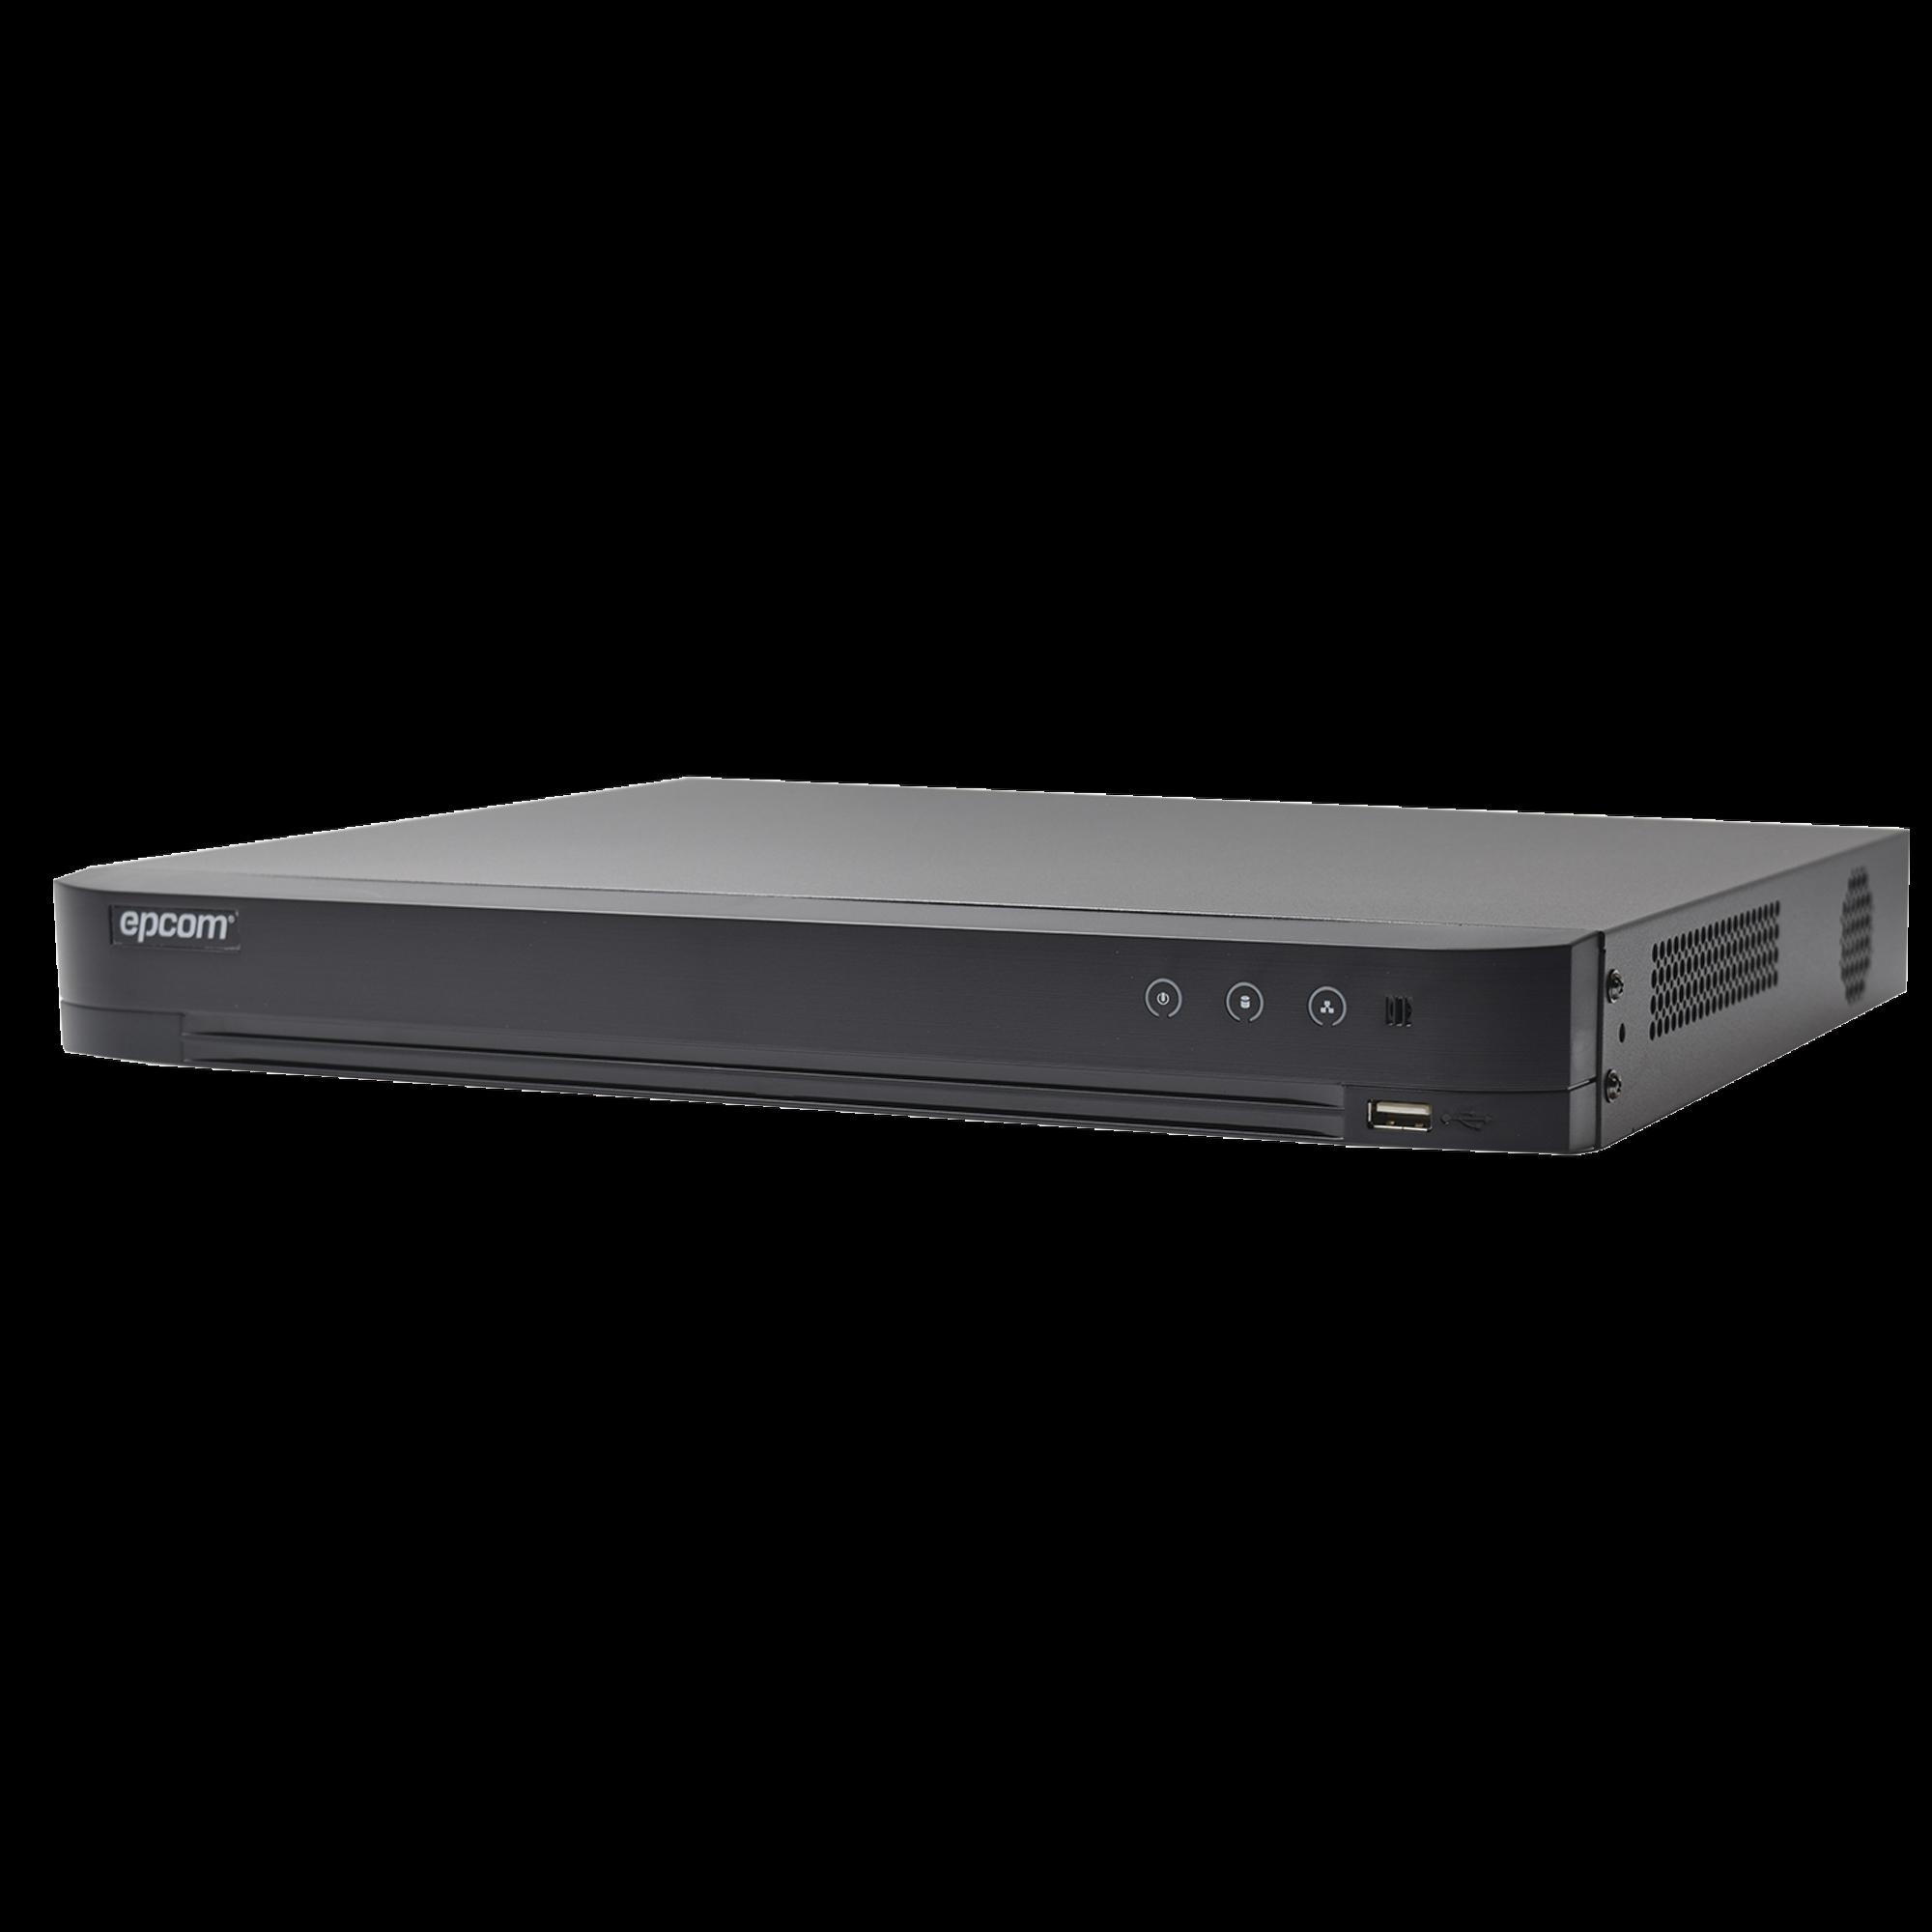 DVR 4 Megapixel / 8 Canales TurboHD + 4 Canales IP / Detección de Rostros / 1 Bahía de Disco Duro / Audio por Coaxitron / Salida de Video en Full HD